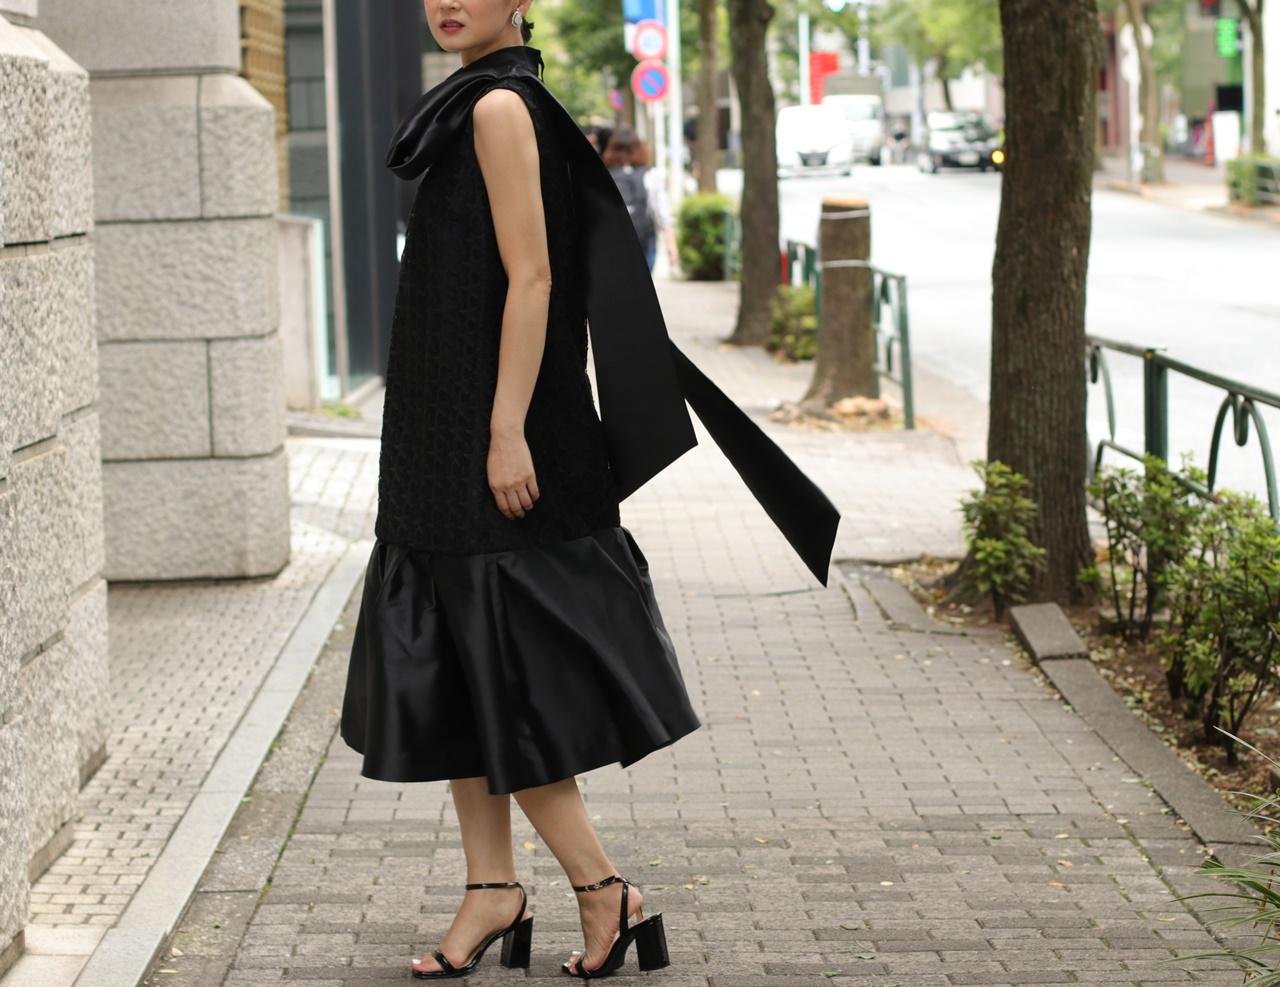 骨格ナチュラルの方におすすめのレンタルドレスはKhon Hooi(クーン・フーイ)の大きなリボンが肩についたノースリーブの星柄レースのドレス